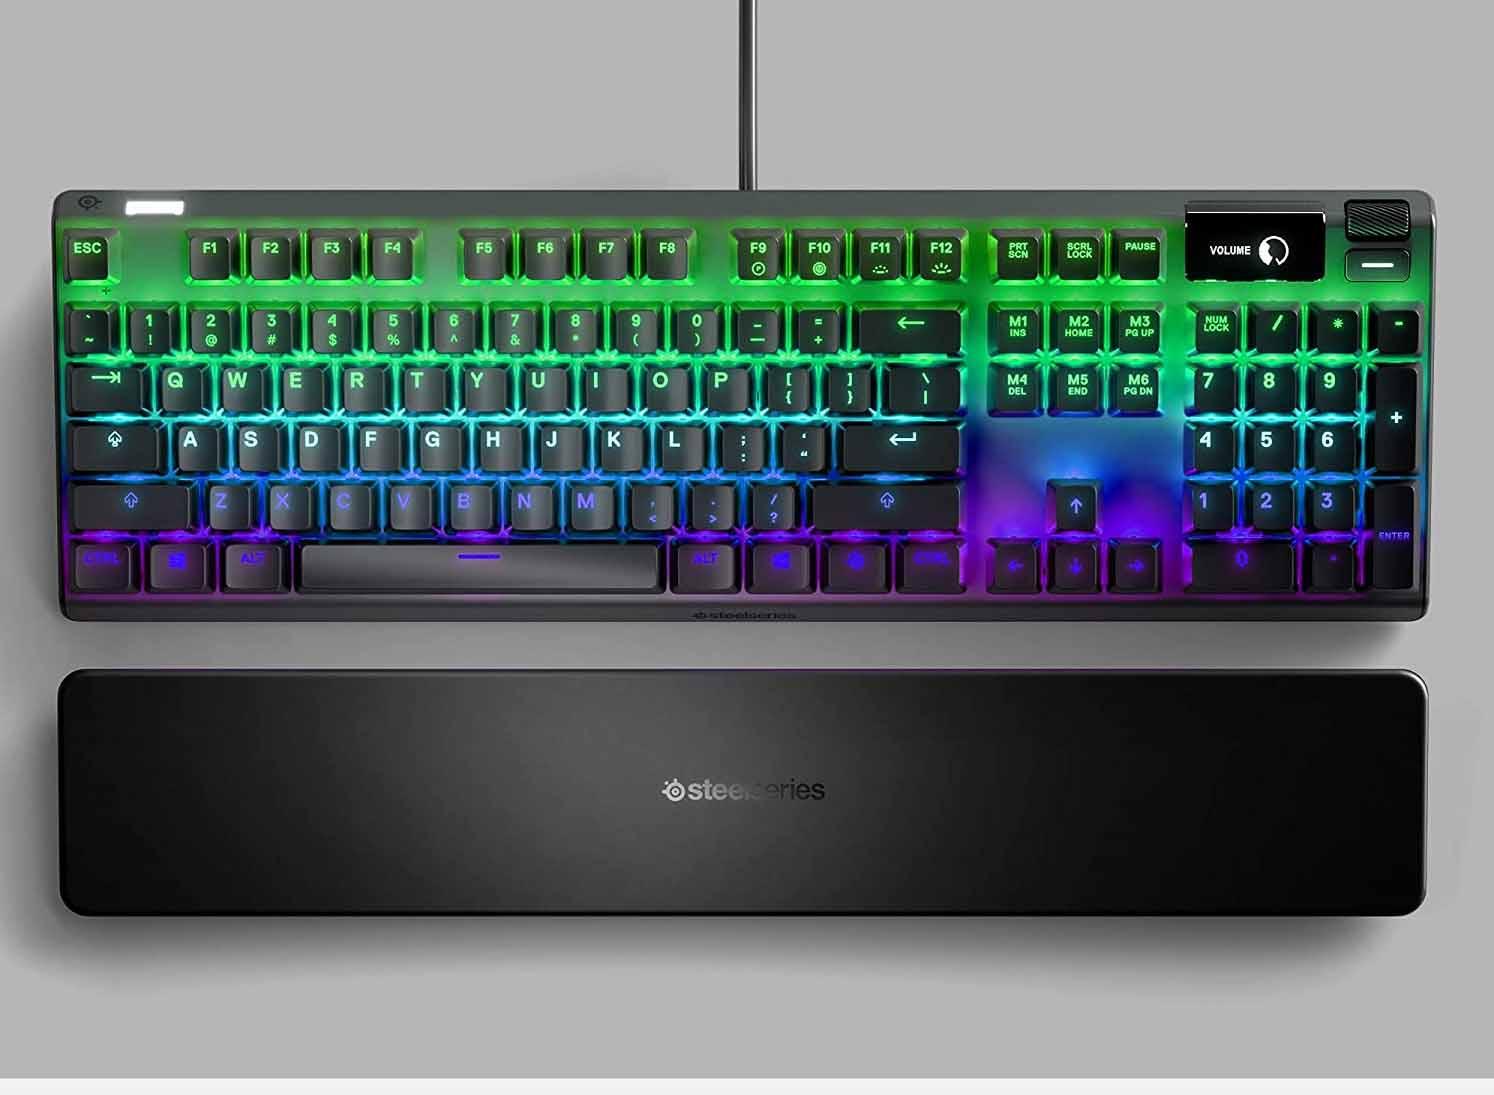 SteelSeries Apex 7 Mechanical Gaming Keyboard